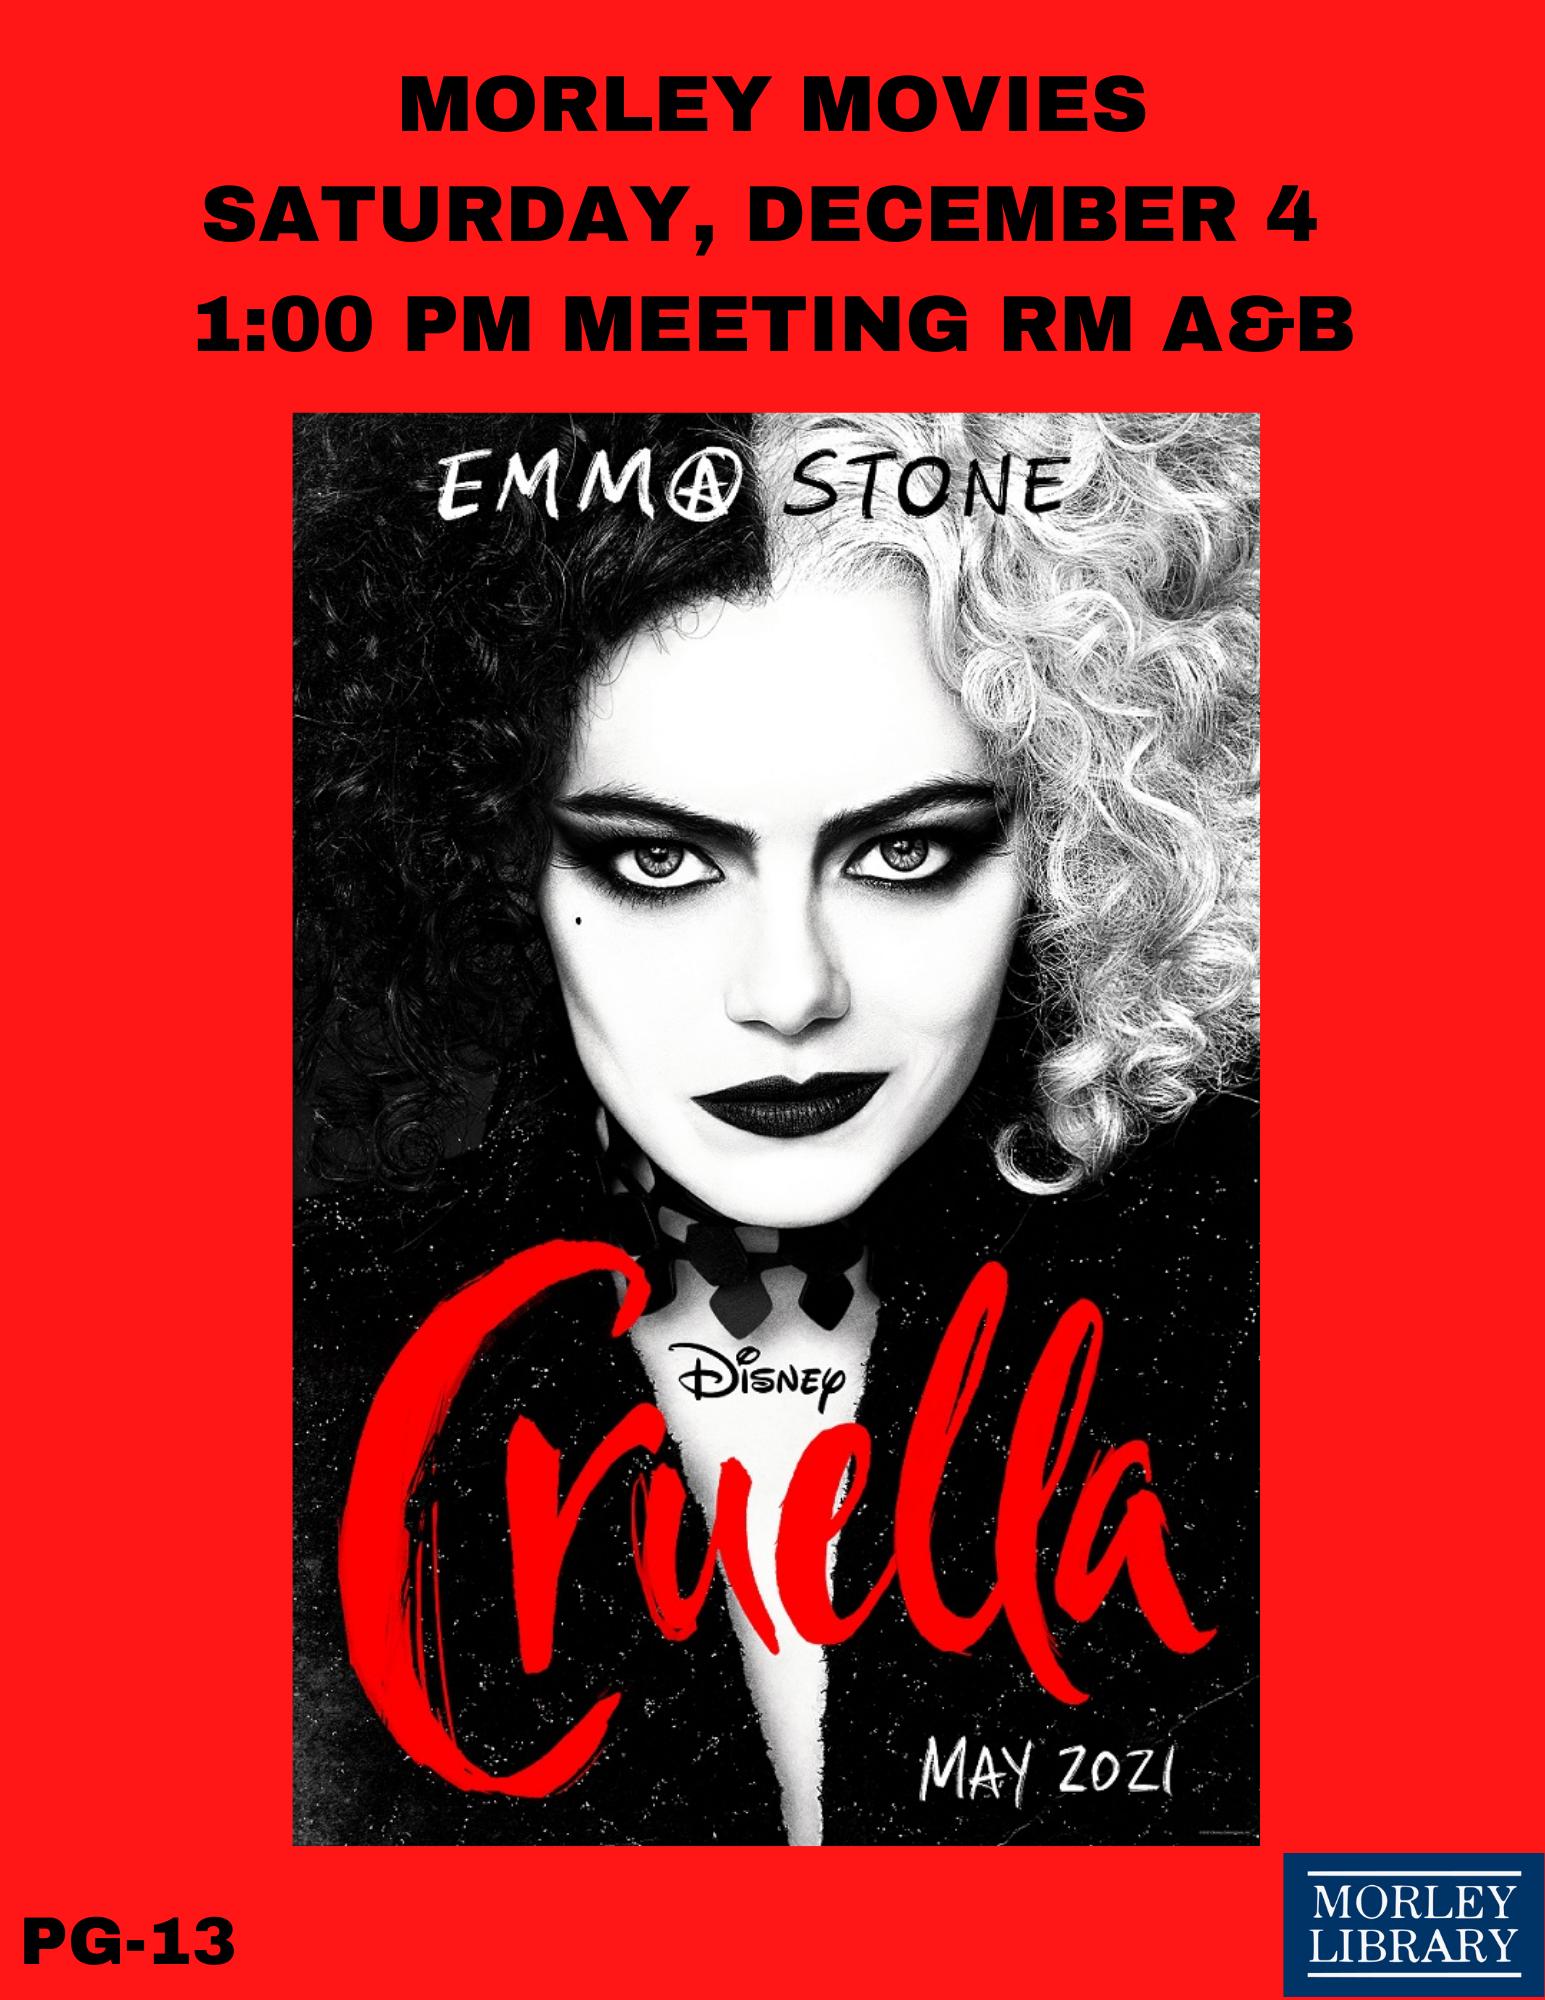 Morley Movies: Cruella